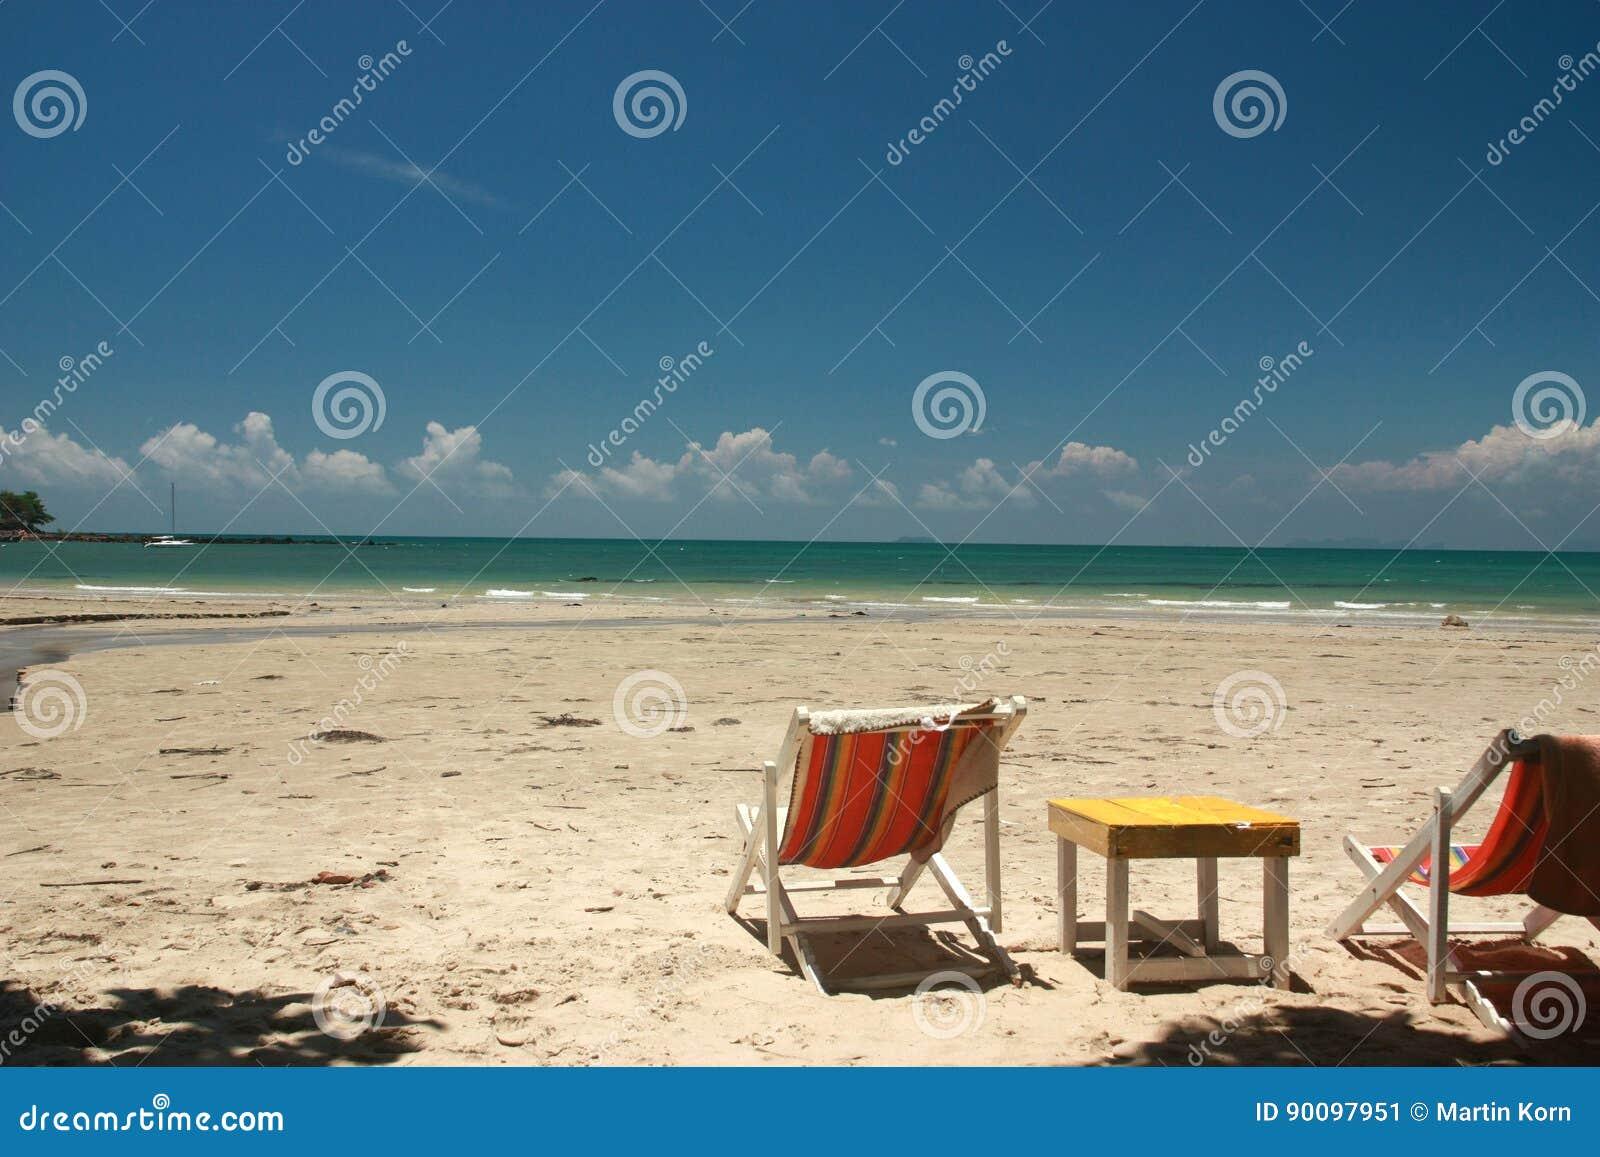 Osamotniony plażowy awesomeness